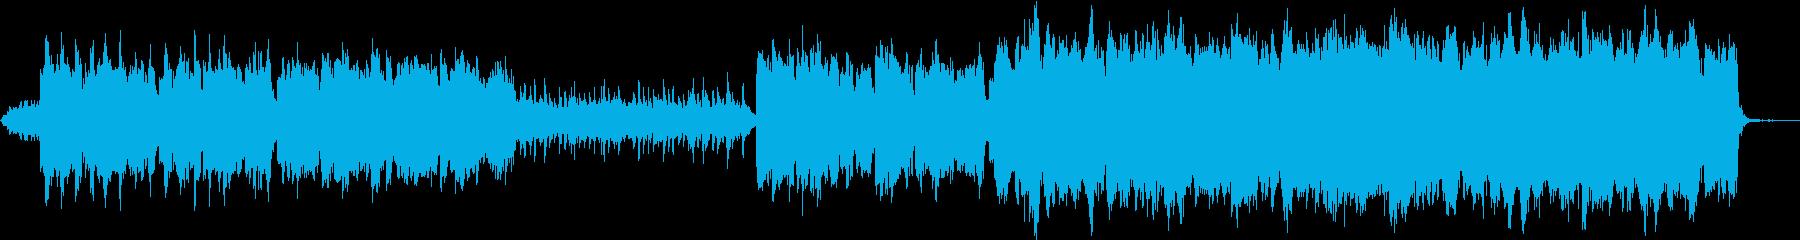 ケルトの笛で「グリーンスリーブス」の再生済みの波形